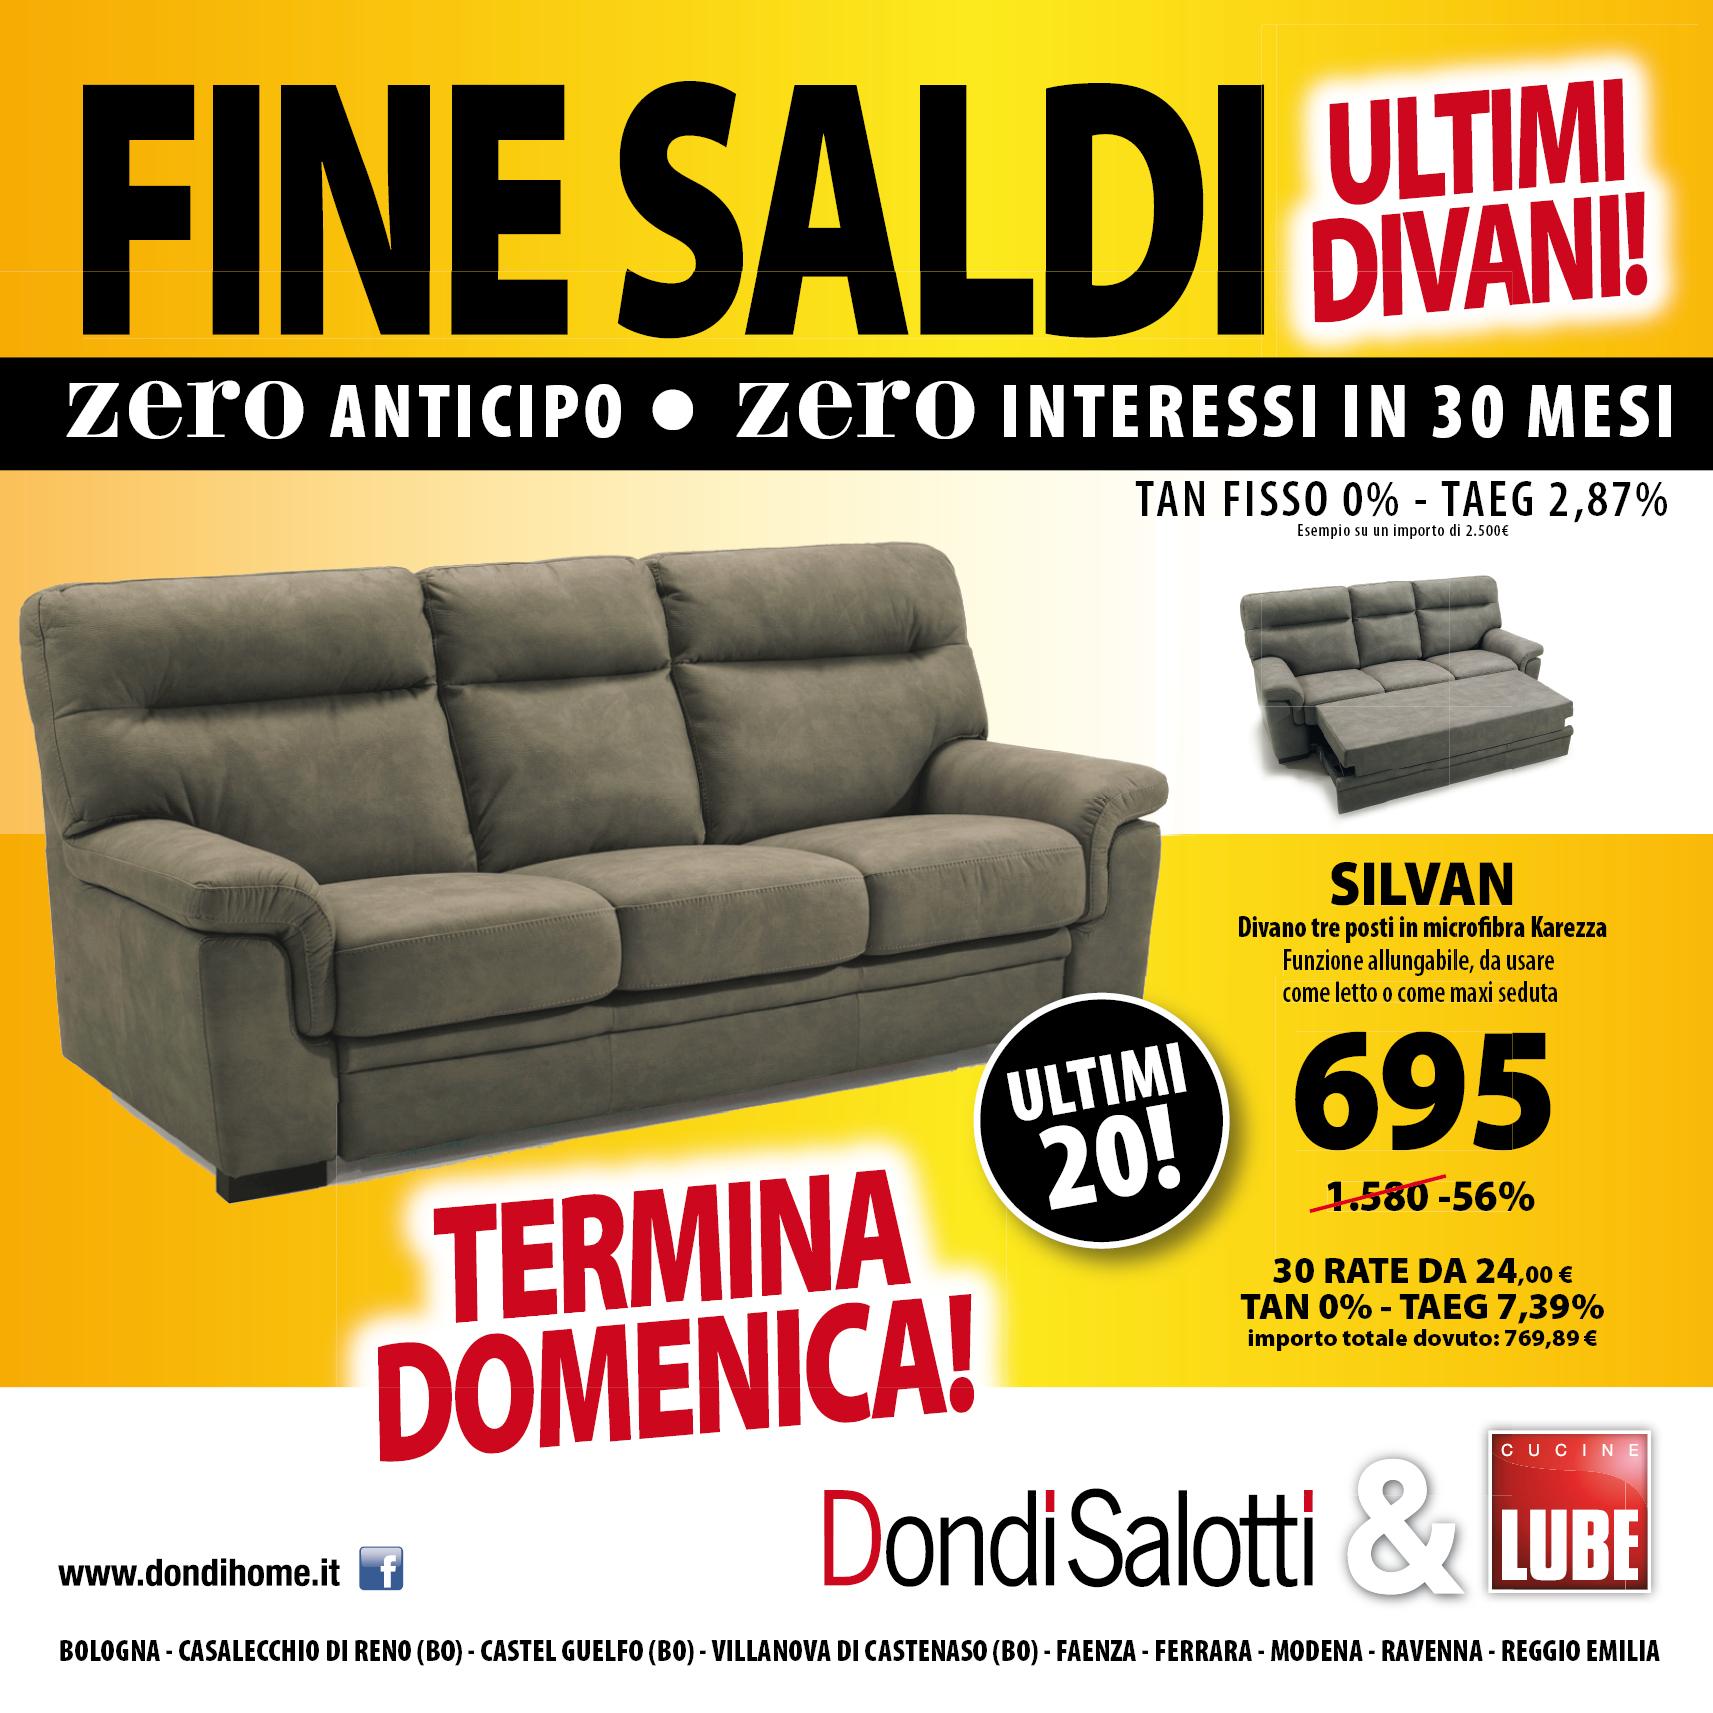 FINE SALDI - zero anticipo zero interessi - Dondi Home - Reggio ...